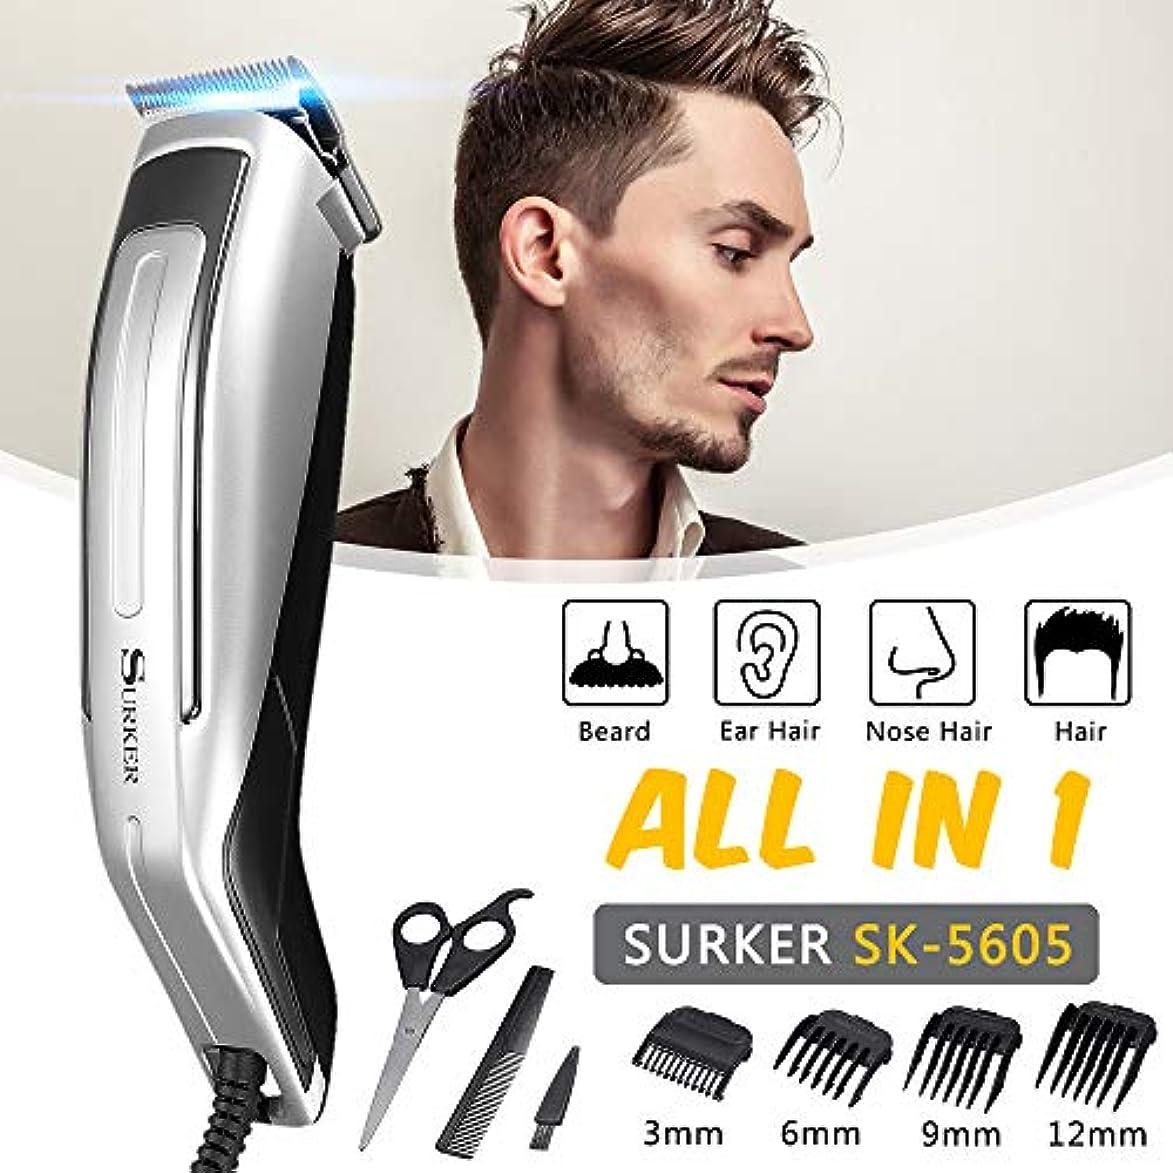 命題ファンブル請求可能電気バリカン電気ヘアカッターヘアトリマープロのヘアカットメンズひげ剃り機